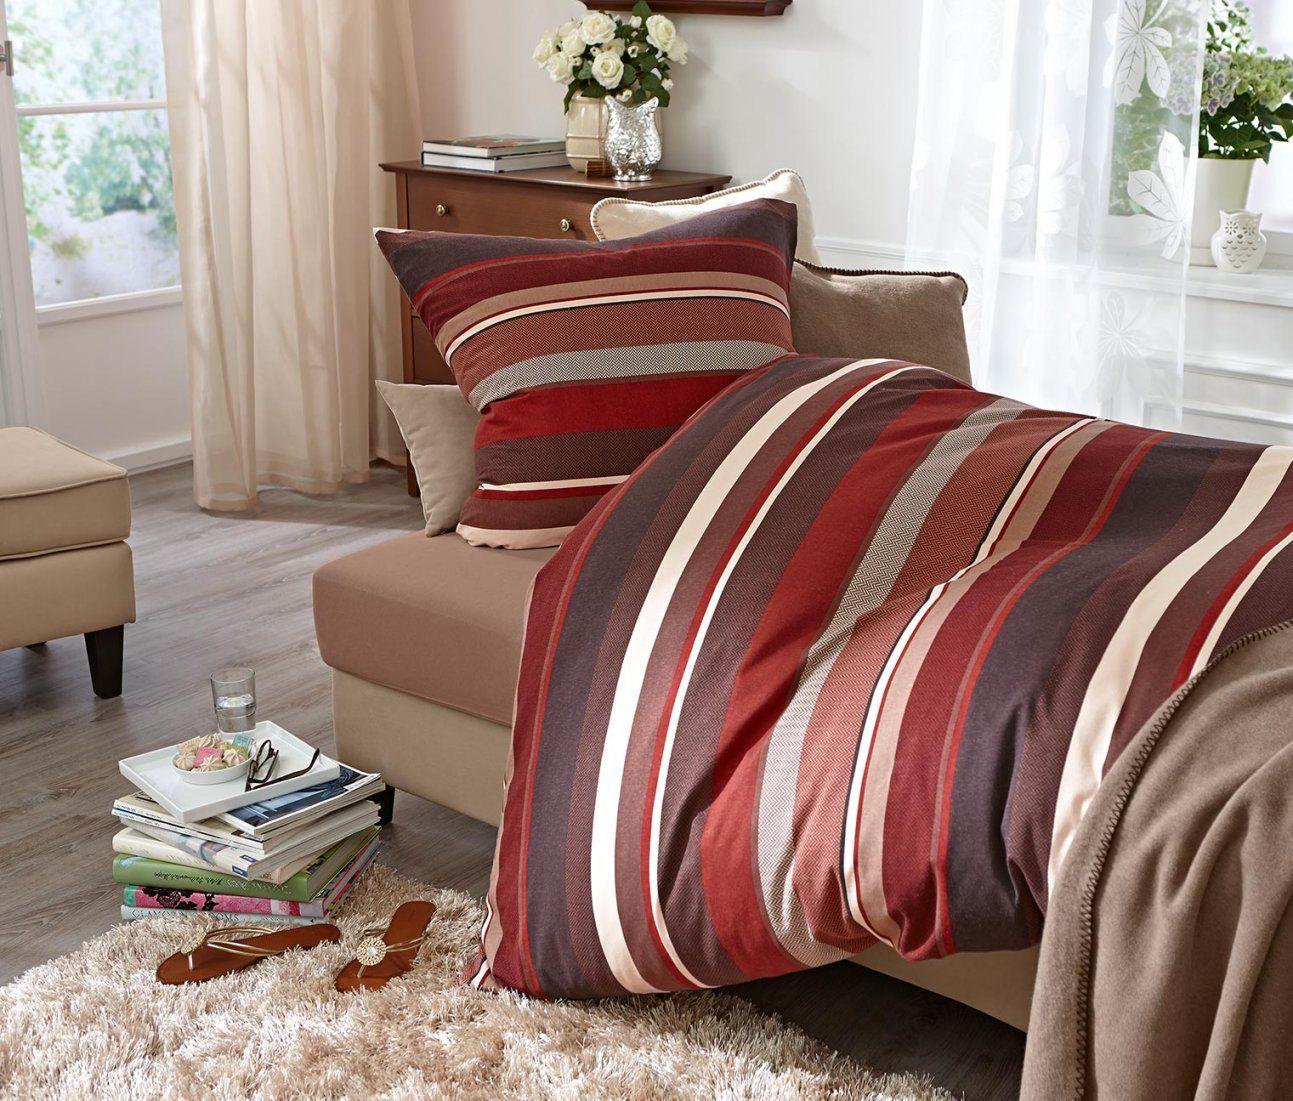 Jerseybettwäsche Online Bestellen Bei Tchibo 295954 von Tchibo Bettwäsche Jersey Photo